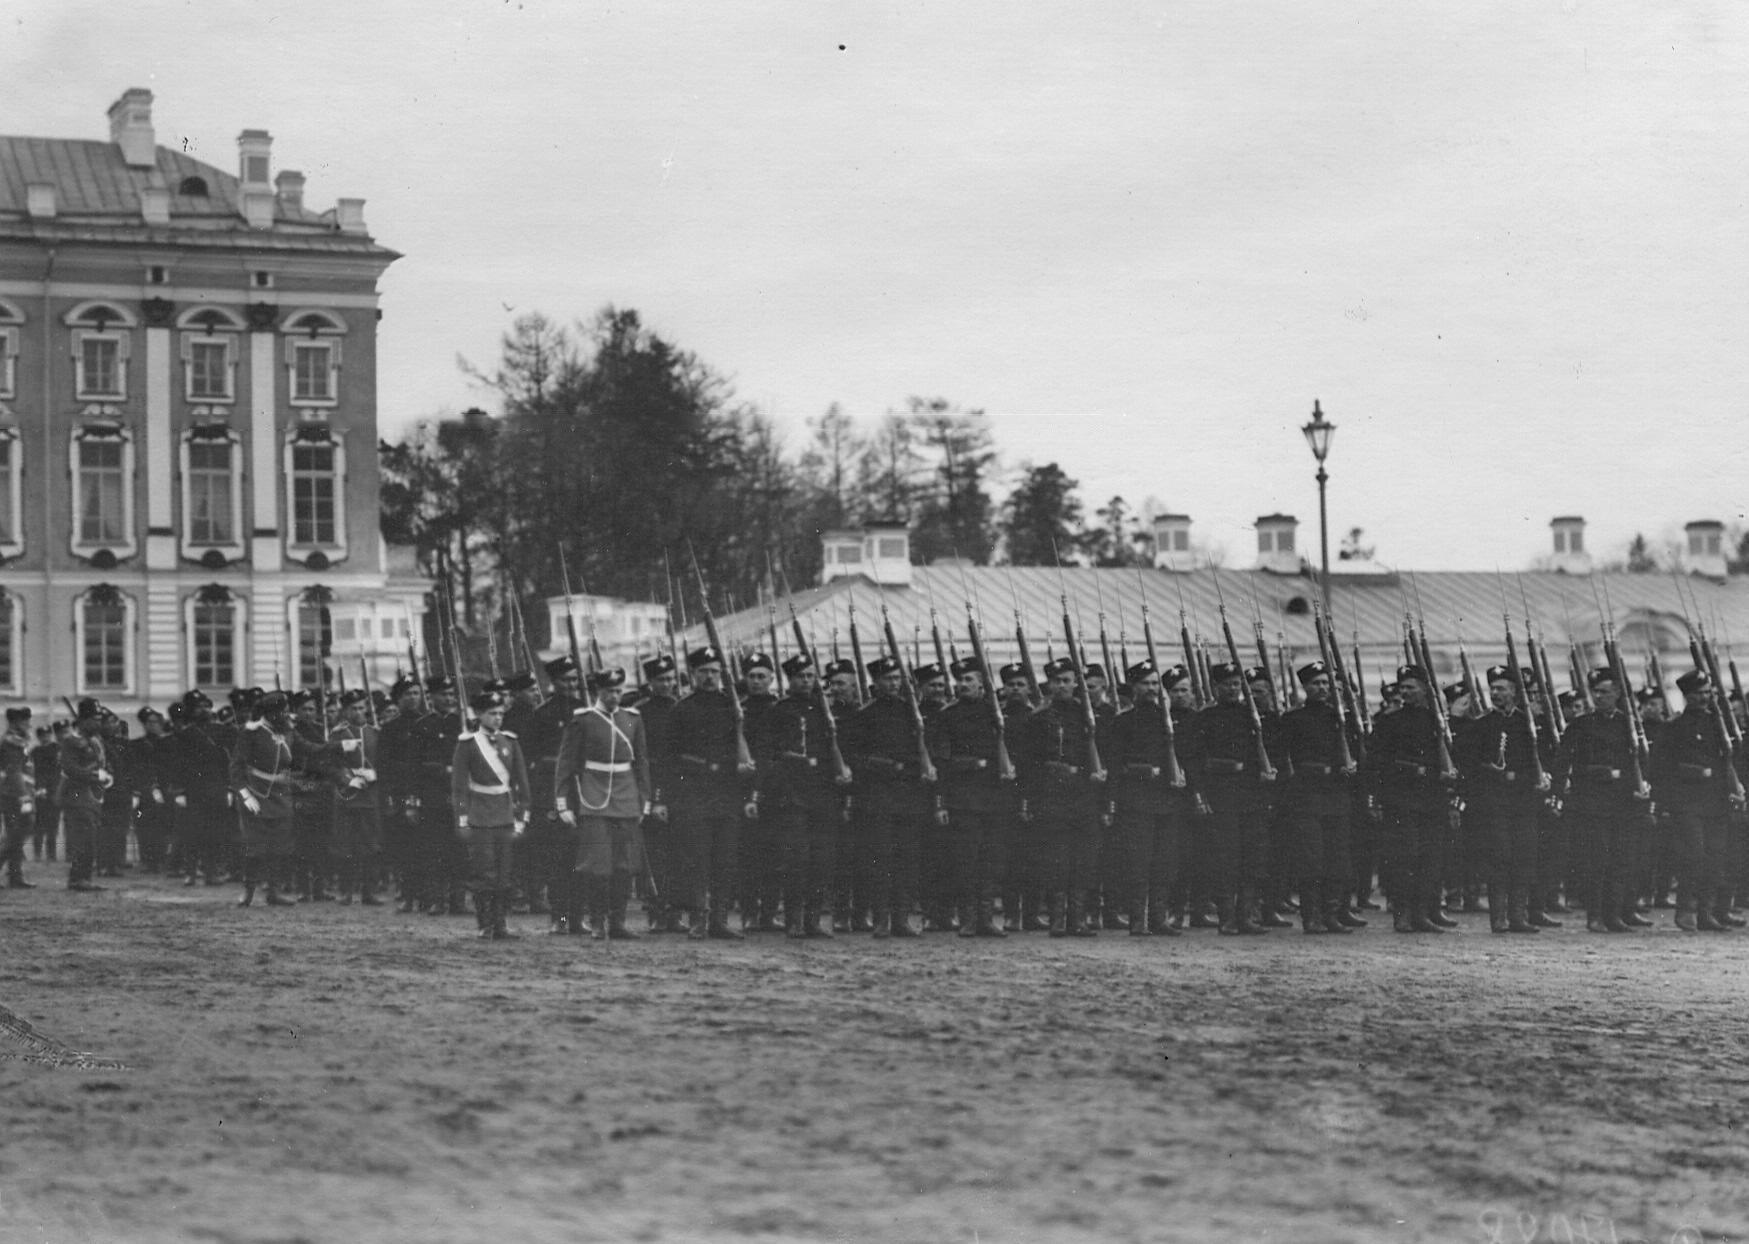 Церемониальный марш  2-го Царскосельского стрелкового батальона .В строю слева - шеф батальона великий князь Дмитрий Павлович.